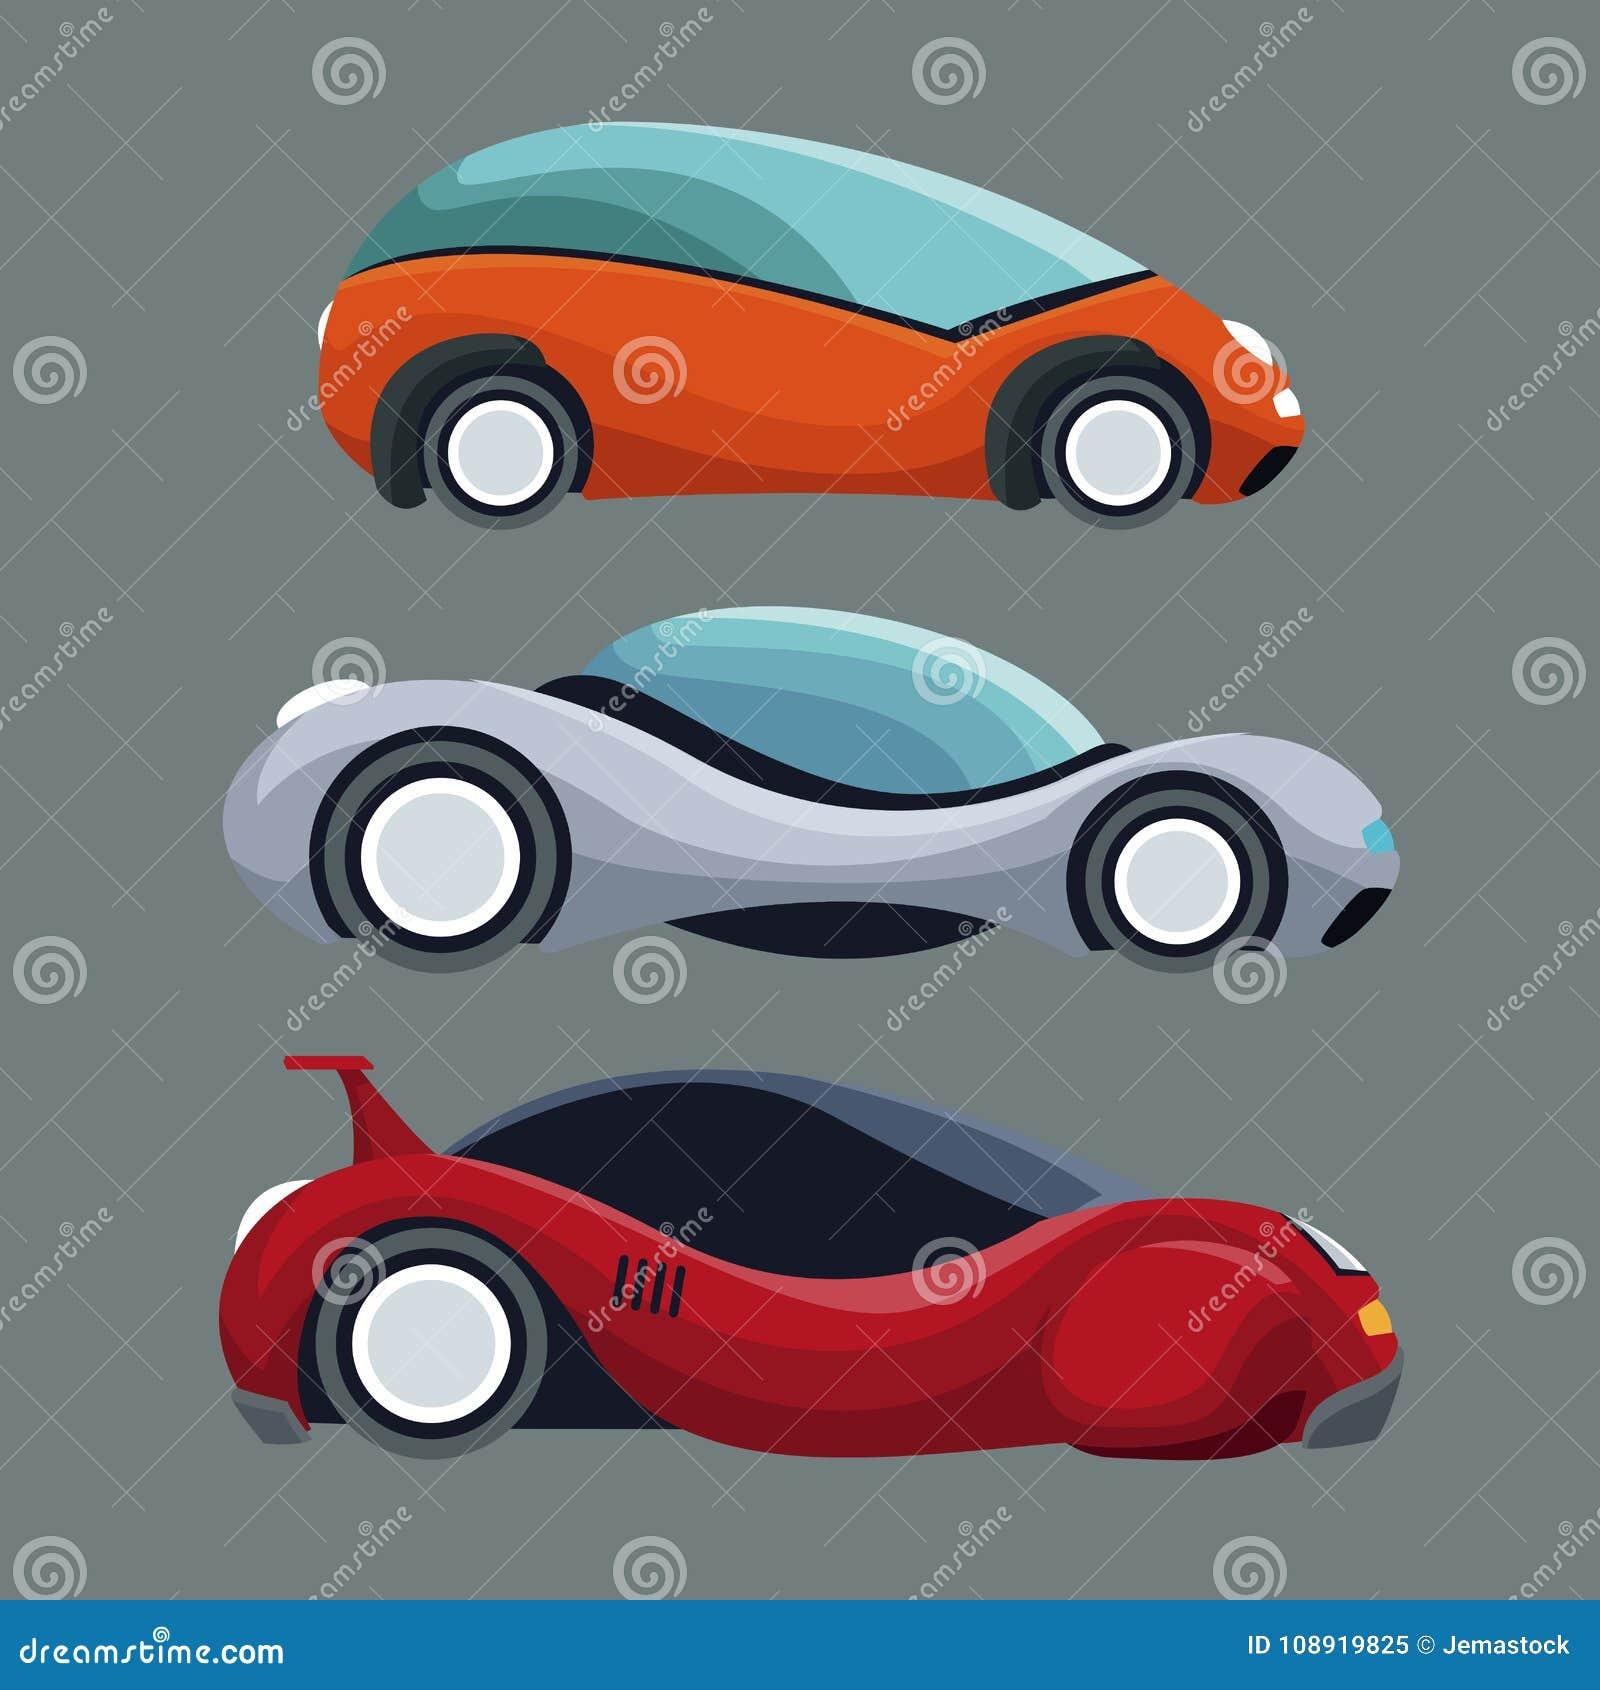 Γκρίζο υπόβαθρο των ζωηρόχρωμων οχημάτων αυτοκινήτων συνόλου φουτουριστικών σύγχρονων